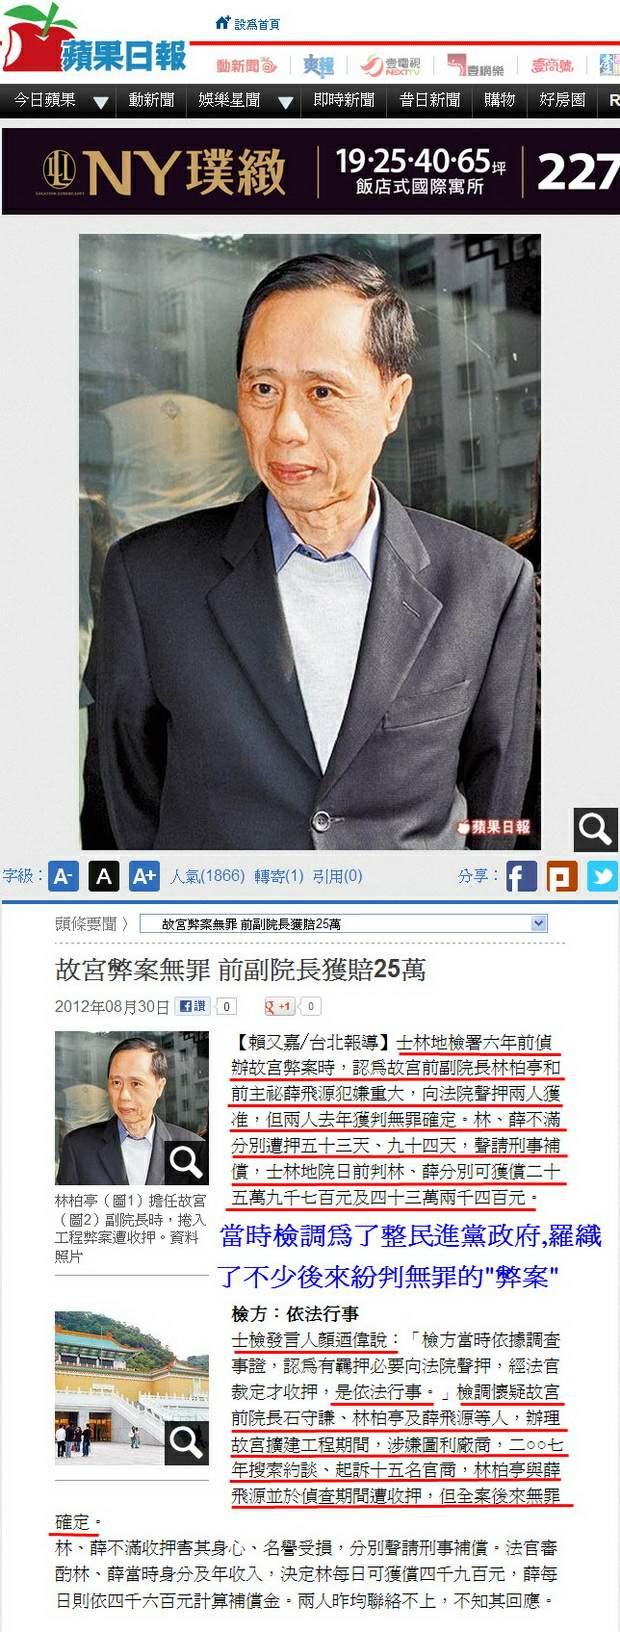 故宮弊案無罪 前副院長獲賠25萬-2012.08.30